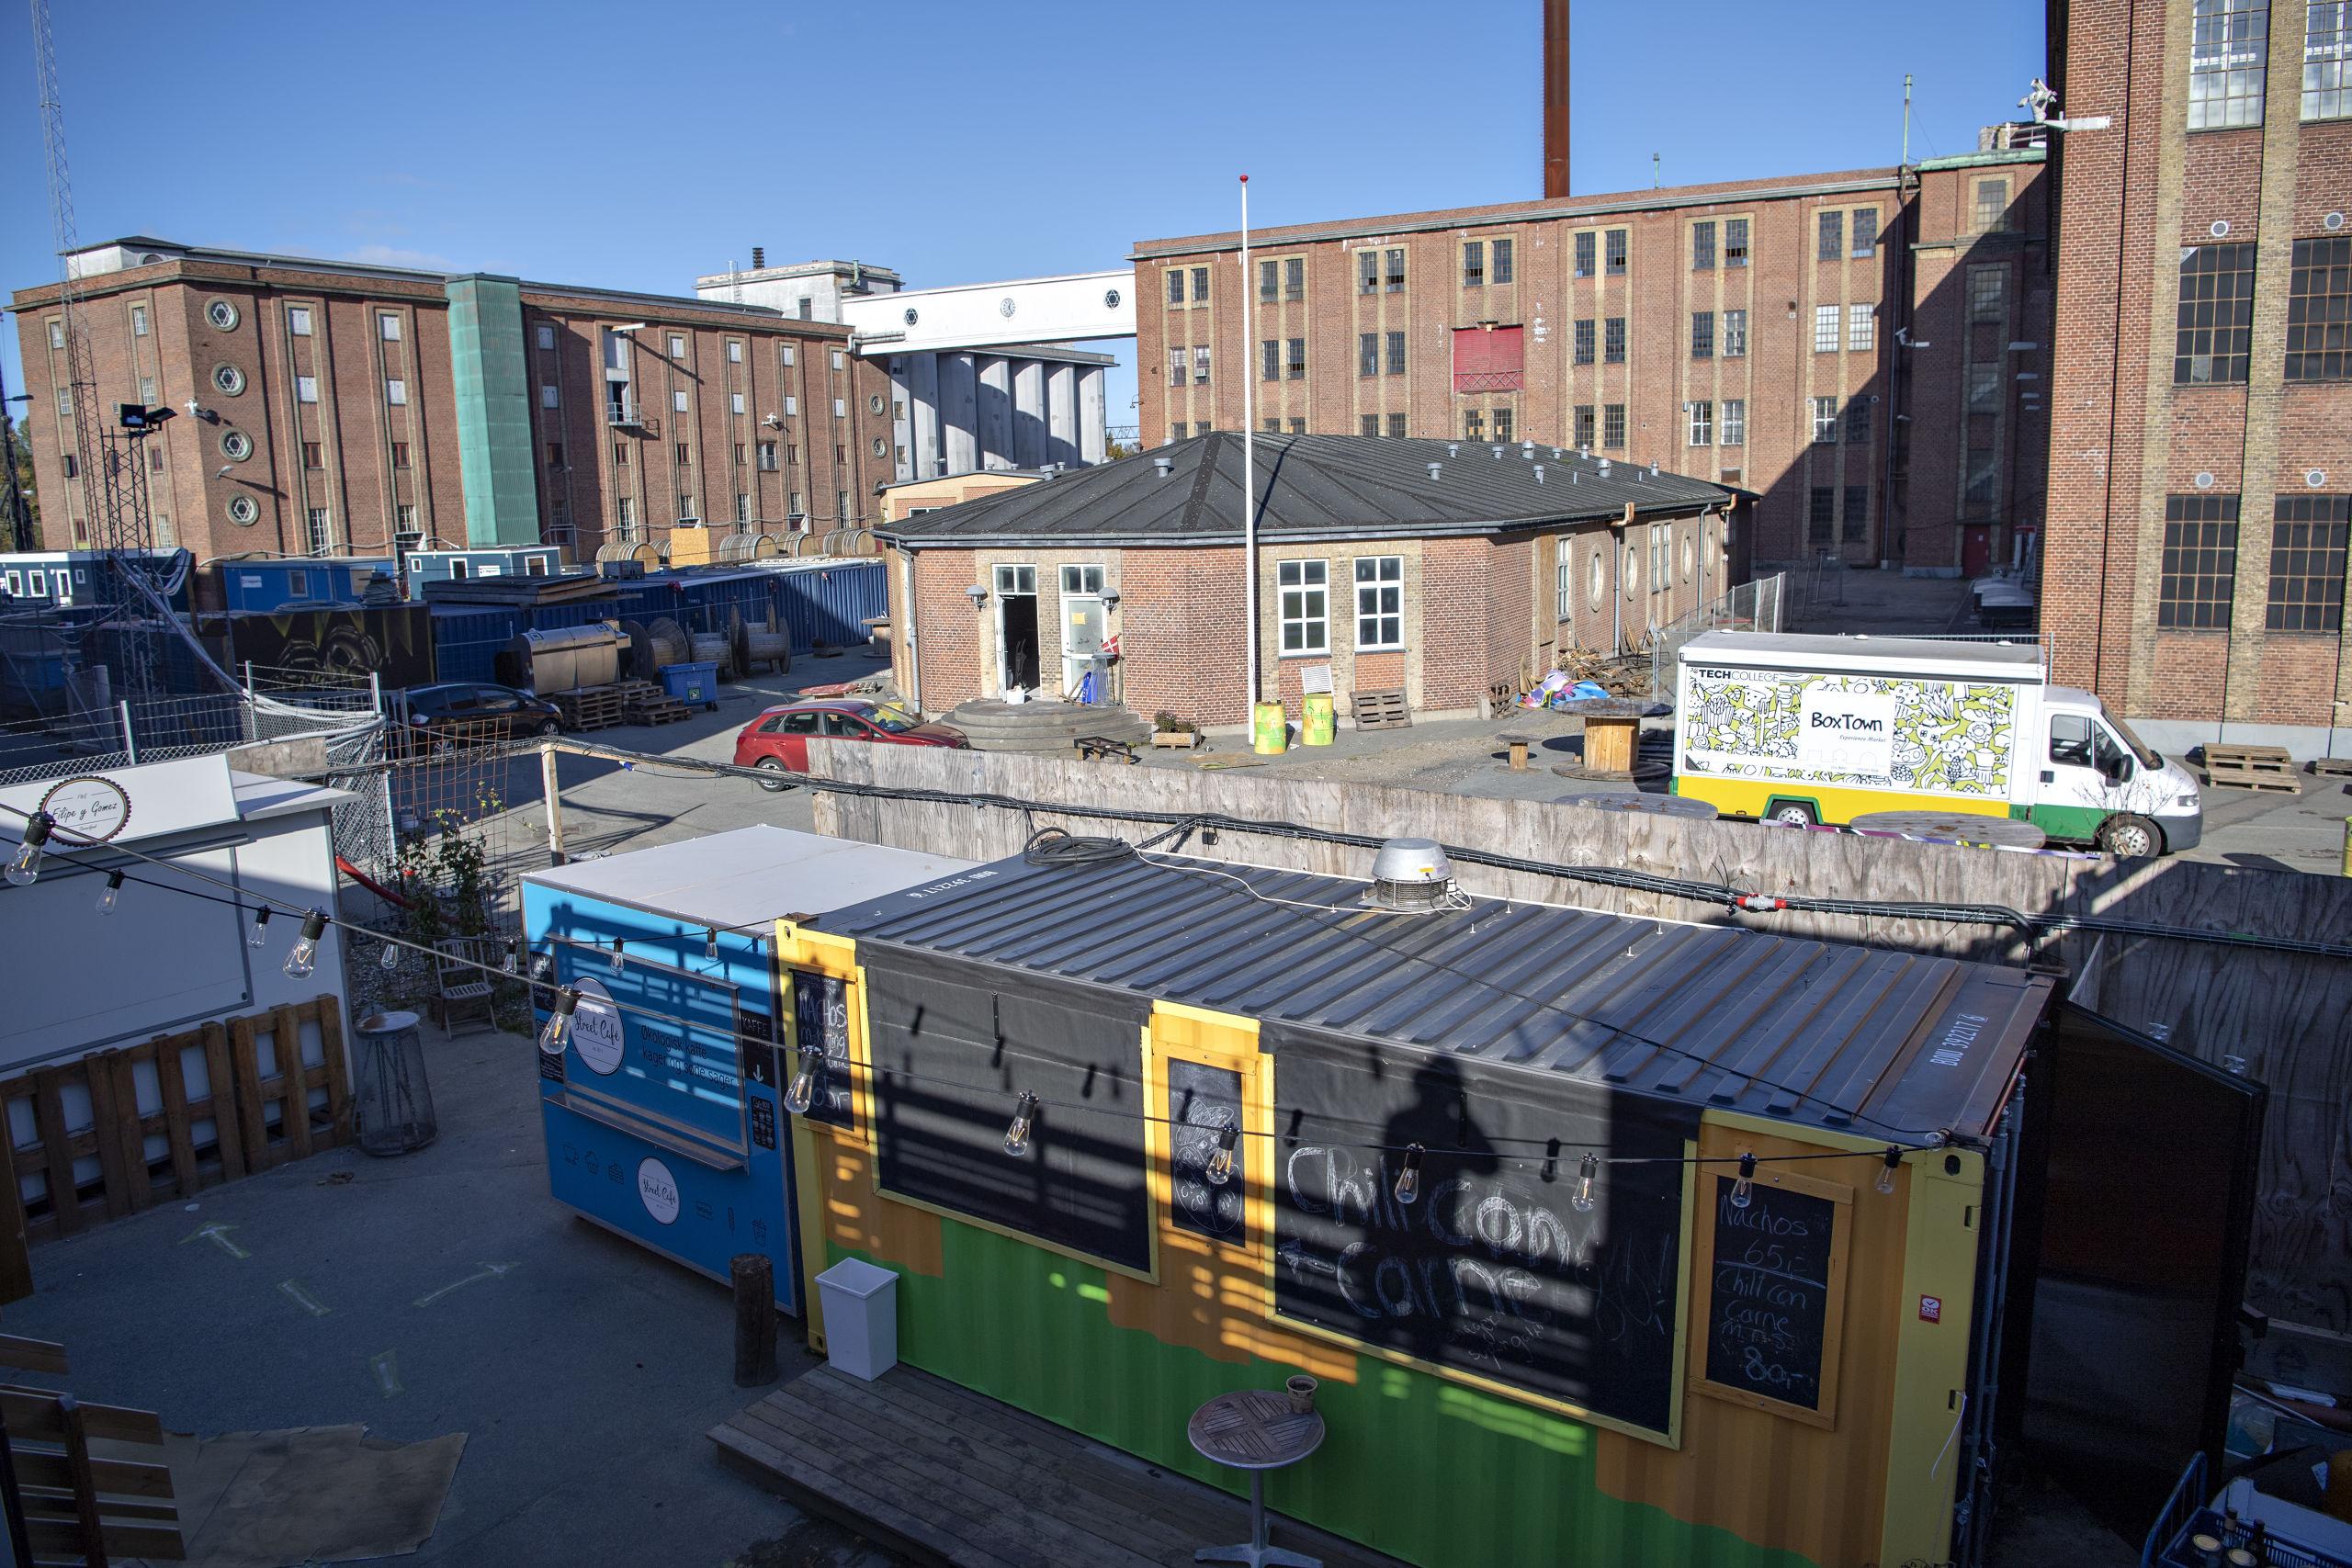 BoxTown er på et år gået fra at være et fødevaremarked til at være et kultursted. Arkivfoto: Kurt Bering